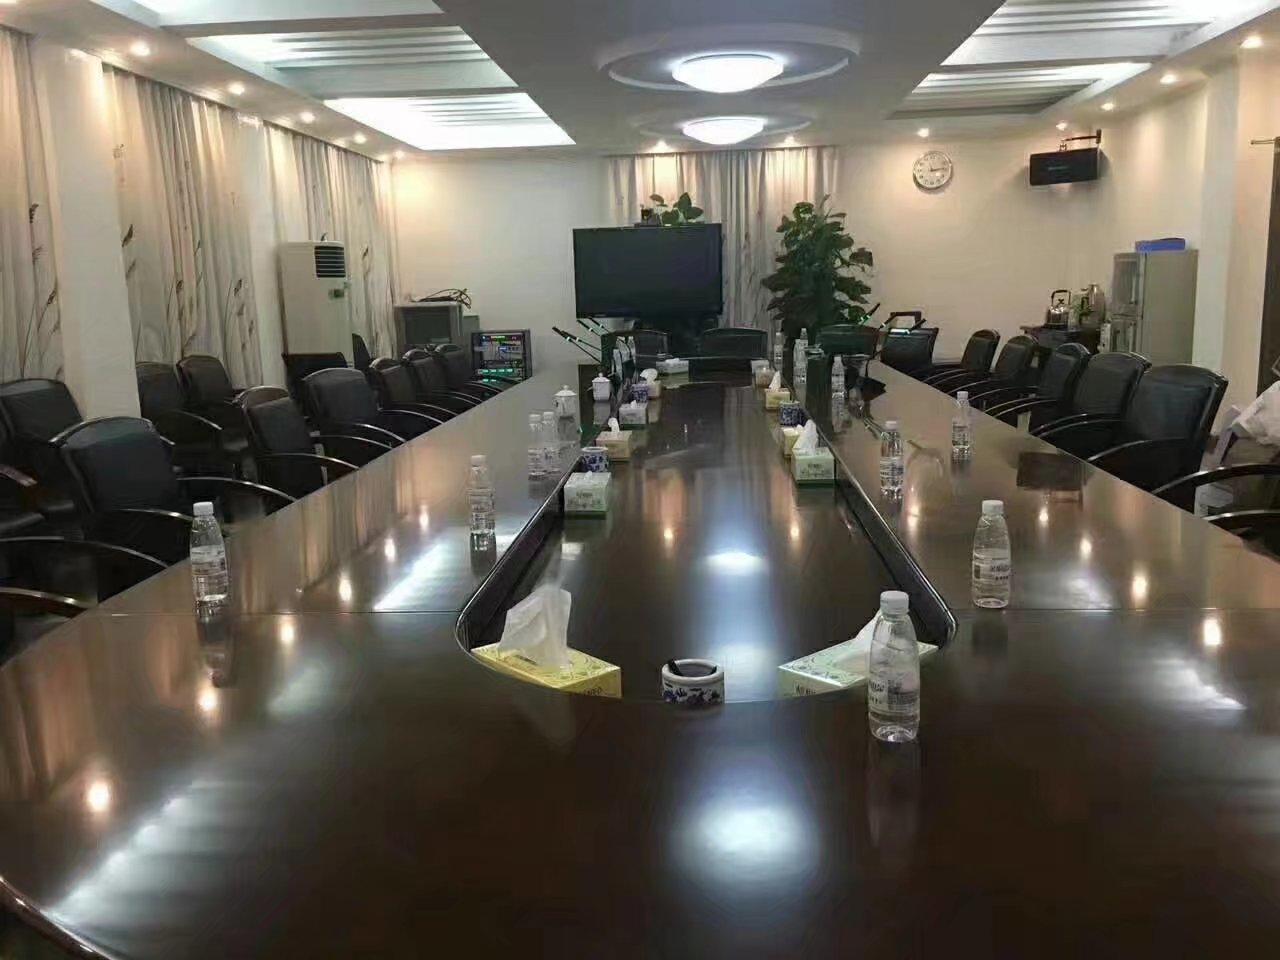 台湾TOJIE RAS-6008/AD-8 一拖八无线台式会议麦克风|拓捷TOJIE话筒及会议系统-西安瑞安森电子设备有限公司